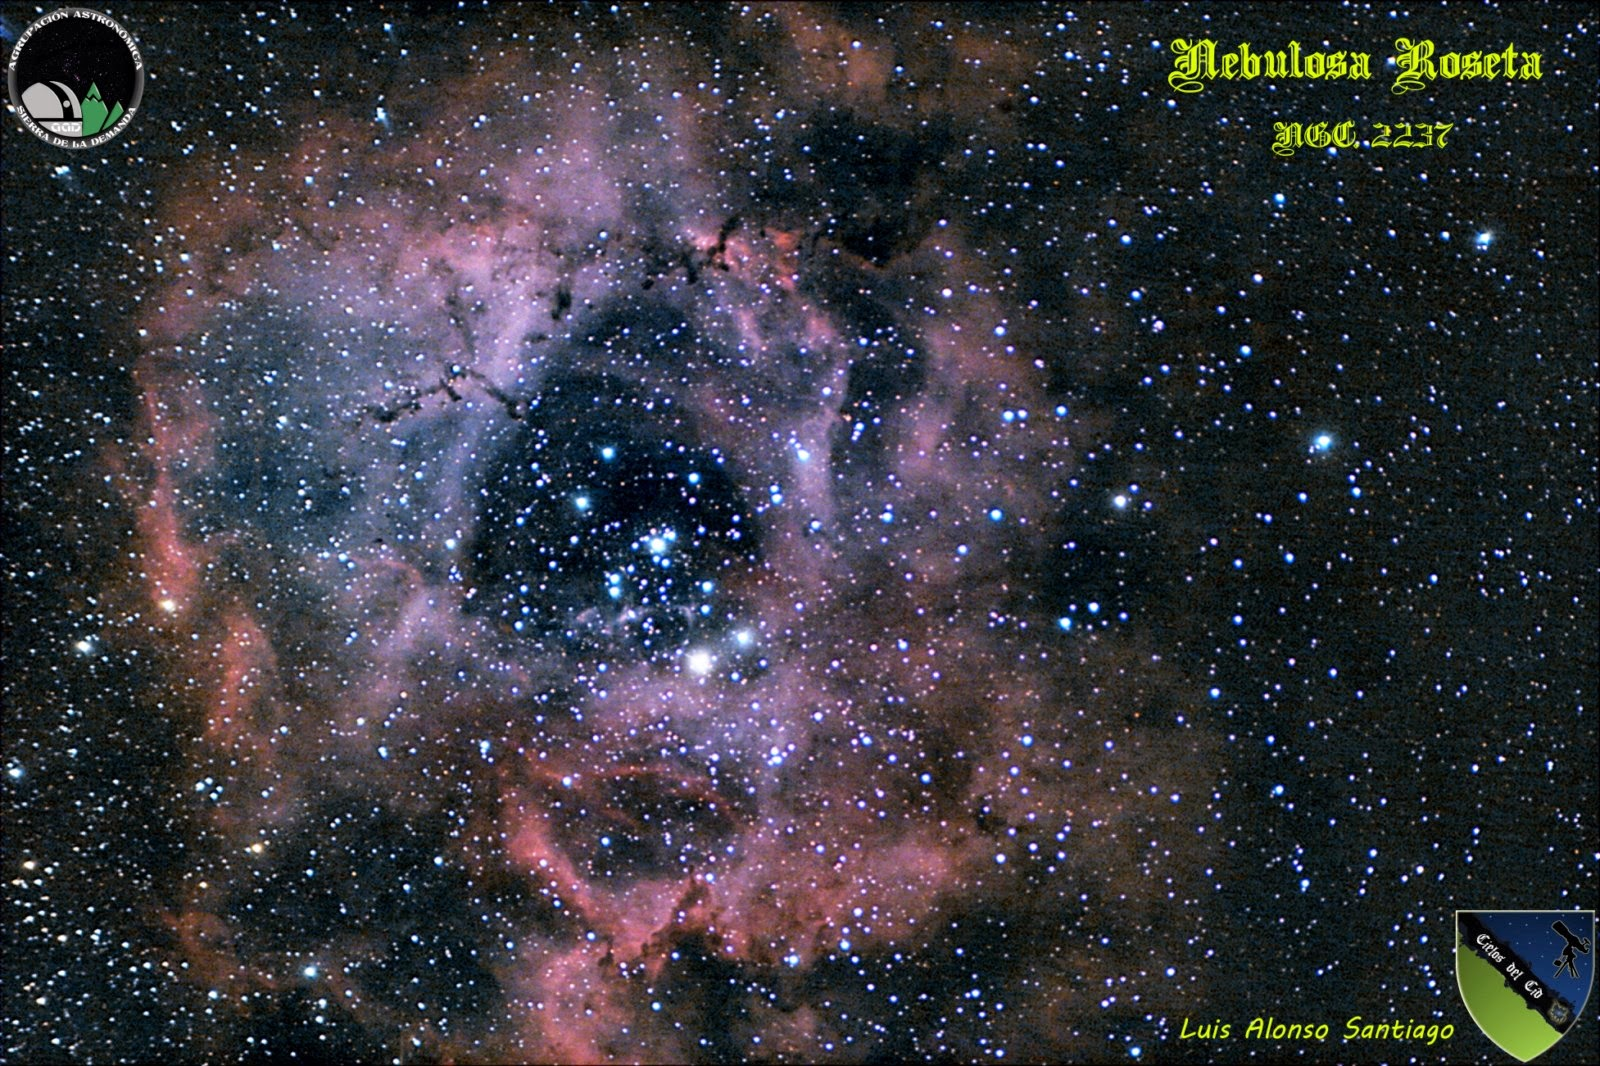 Nebulosa Roseta. NGC2237